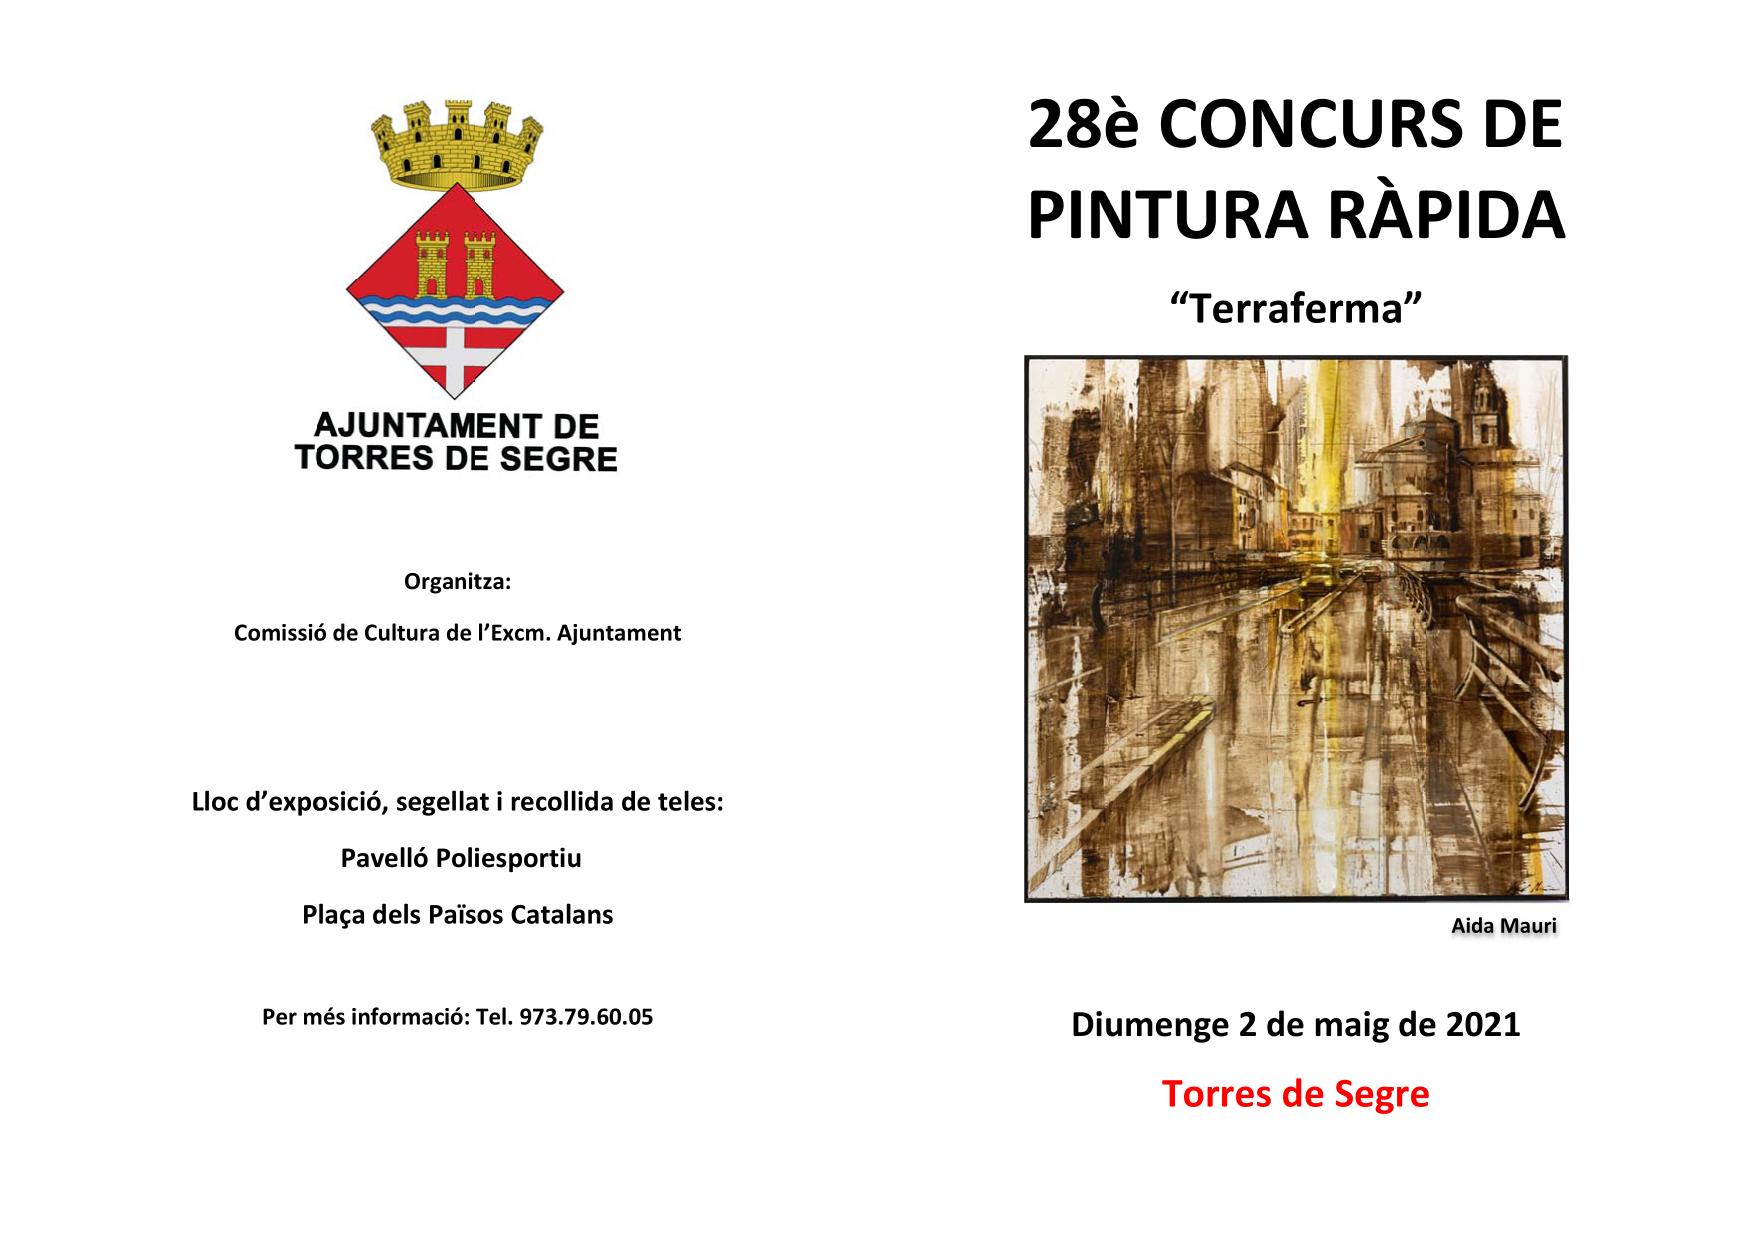 28è CONCURS PINTURA RÀPIDA_Diptic printura ràpida (3)